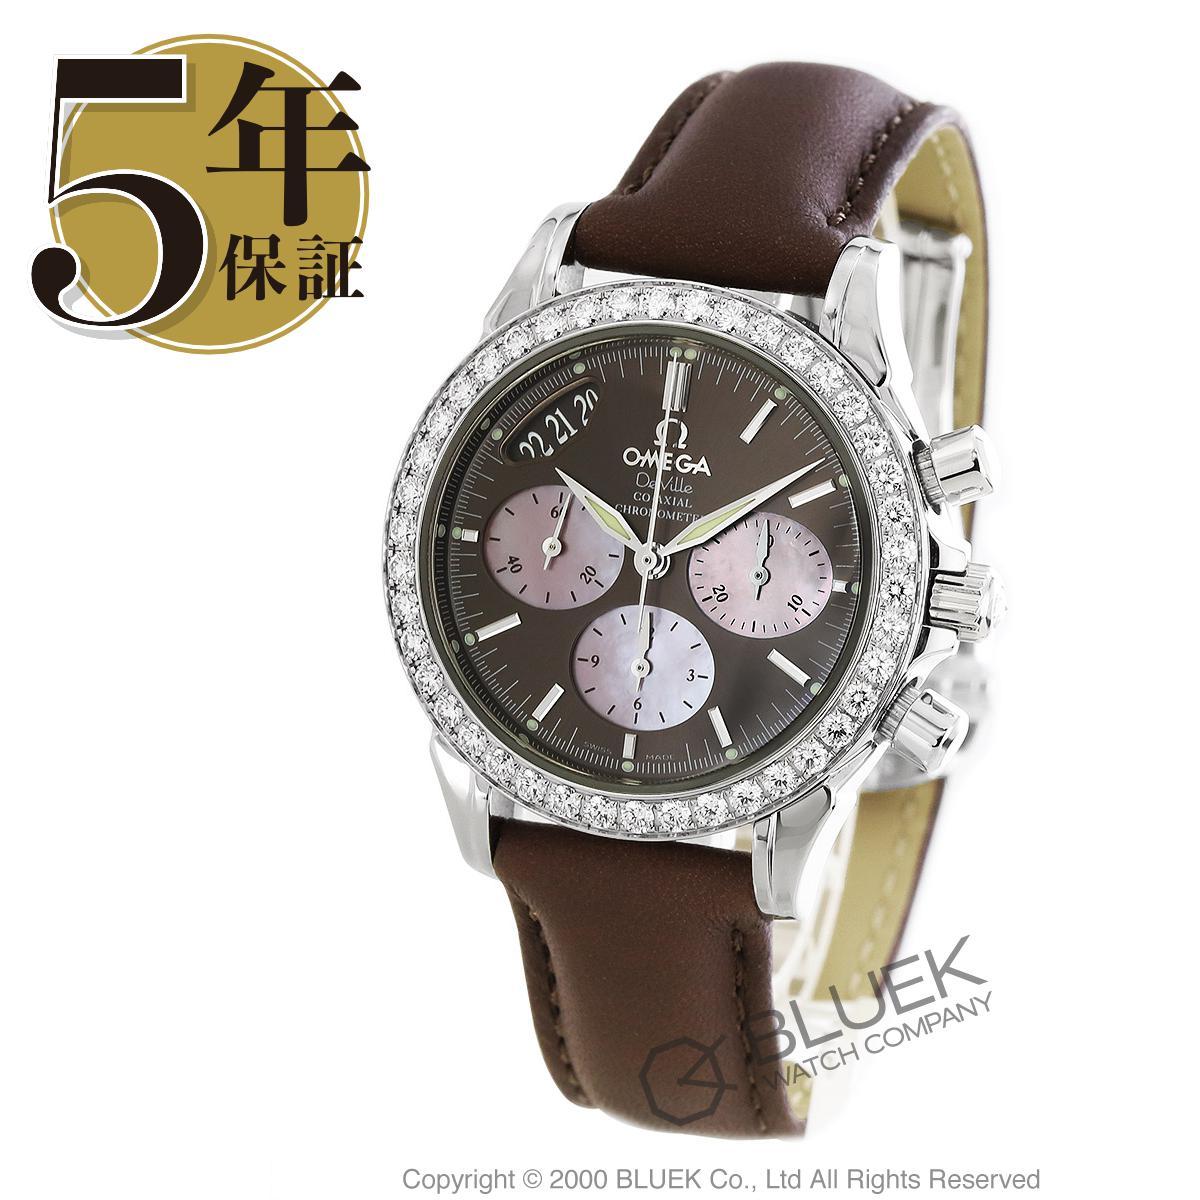 オメガ デビル クロノグラフ ダイヤ 腕時計 レディース OMEGA 4877.60.37_8